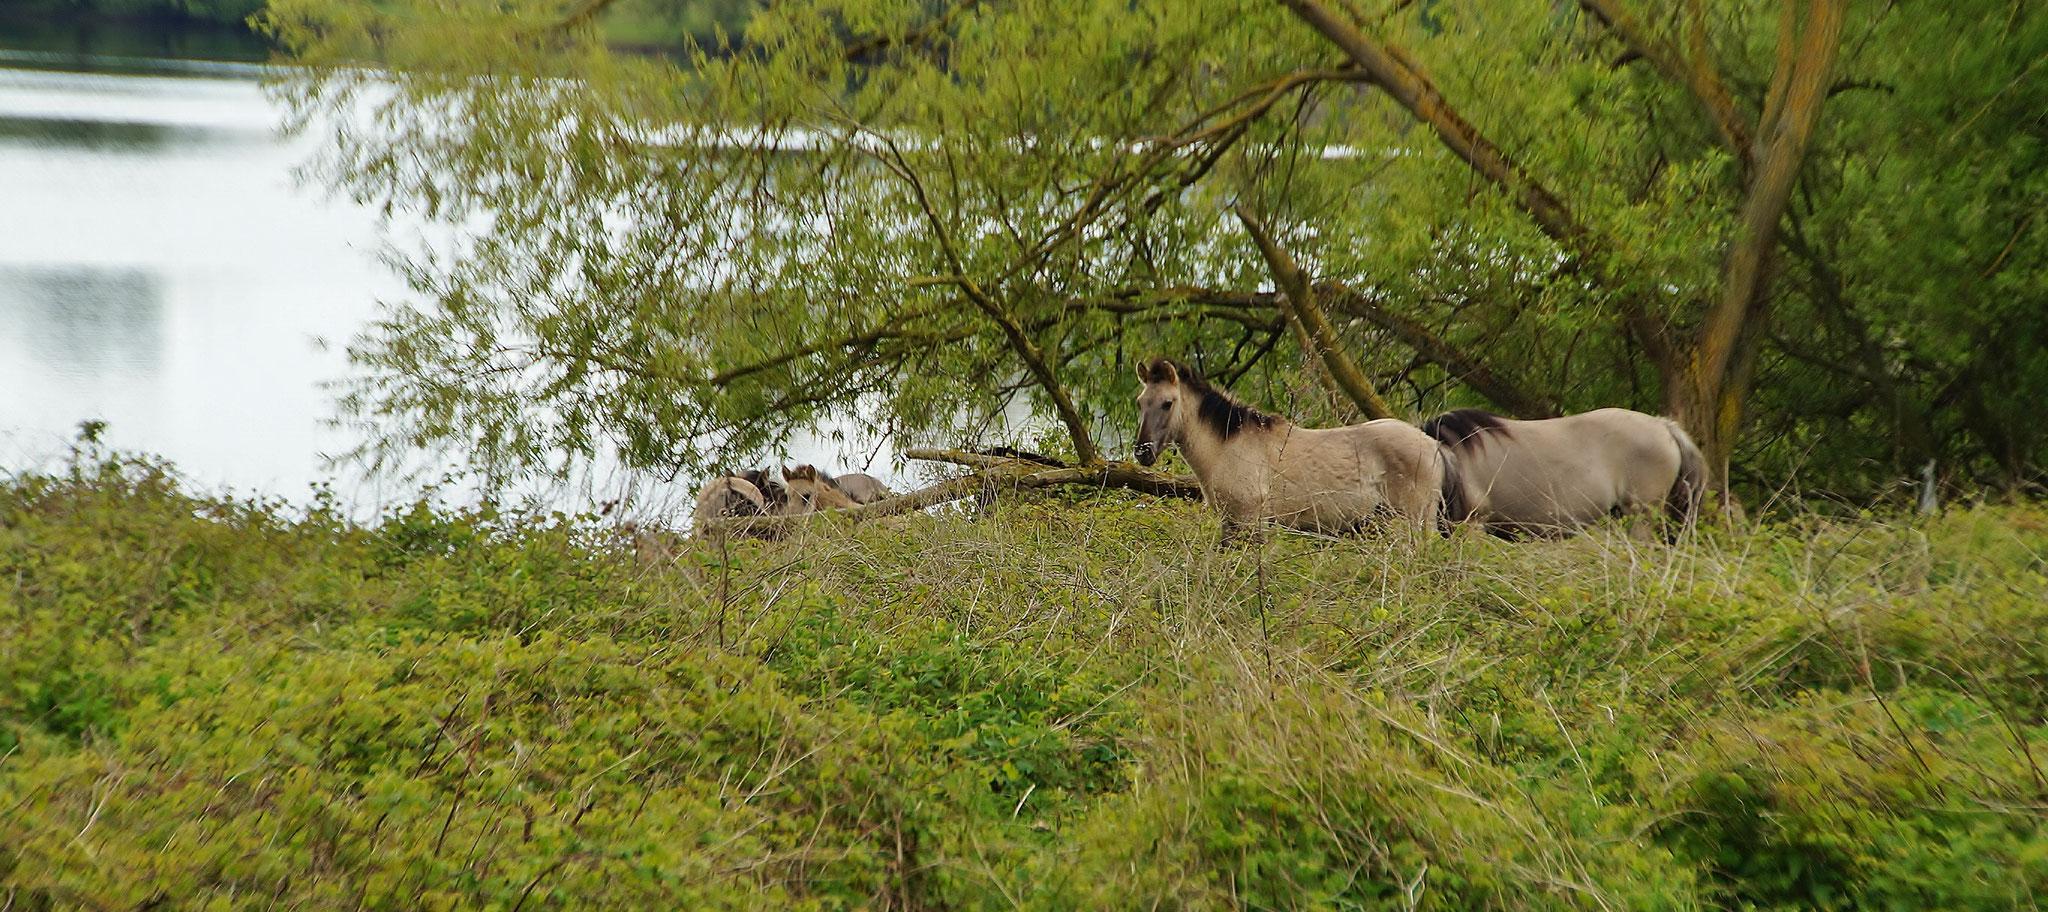 ...Pferde sorgen für die Landschaftspflege